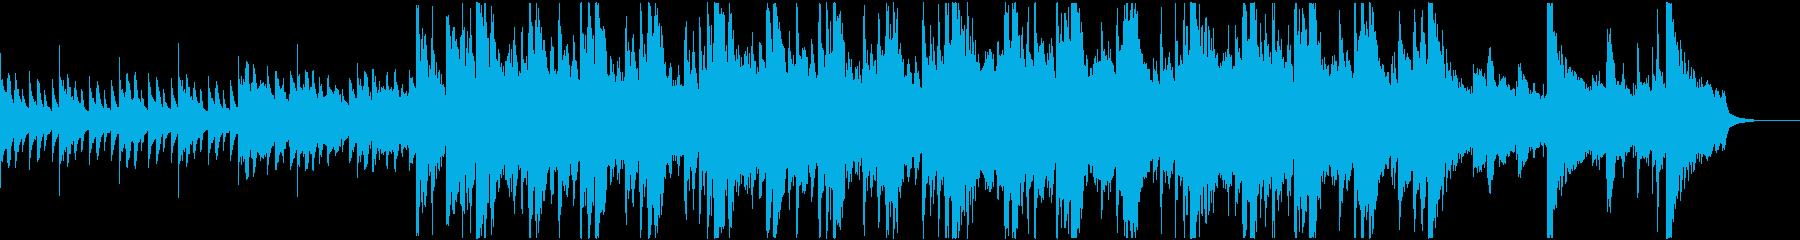 壮大なイメージの和風楽曲の再生済みの波形